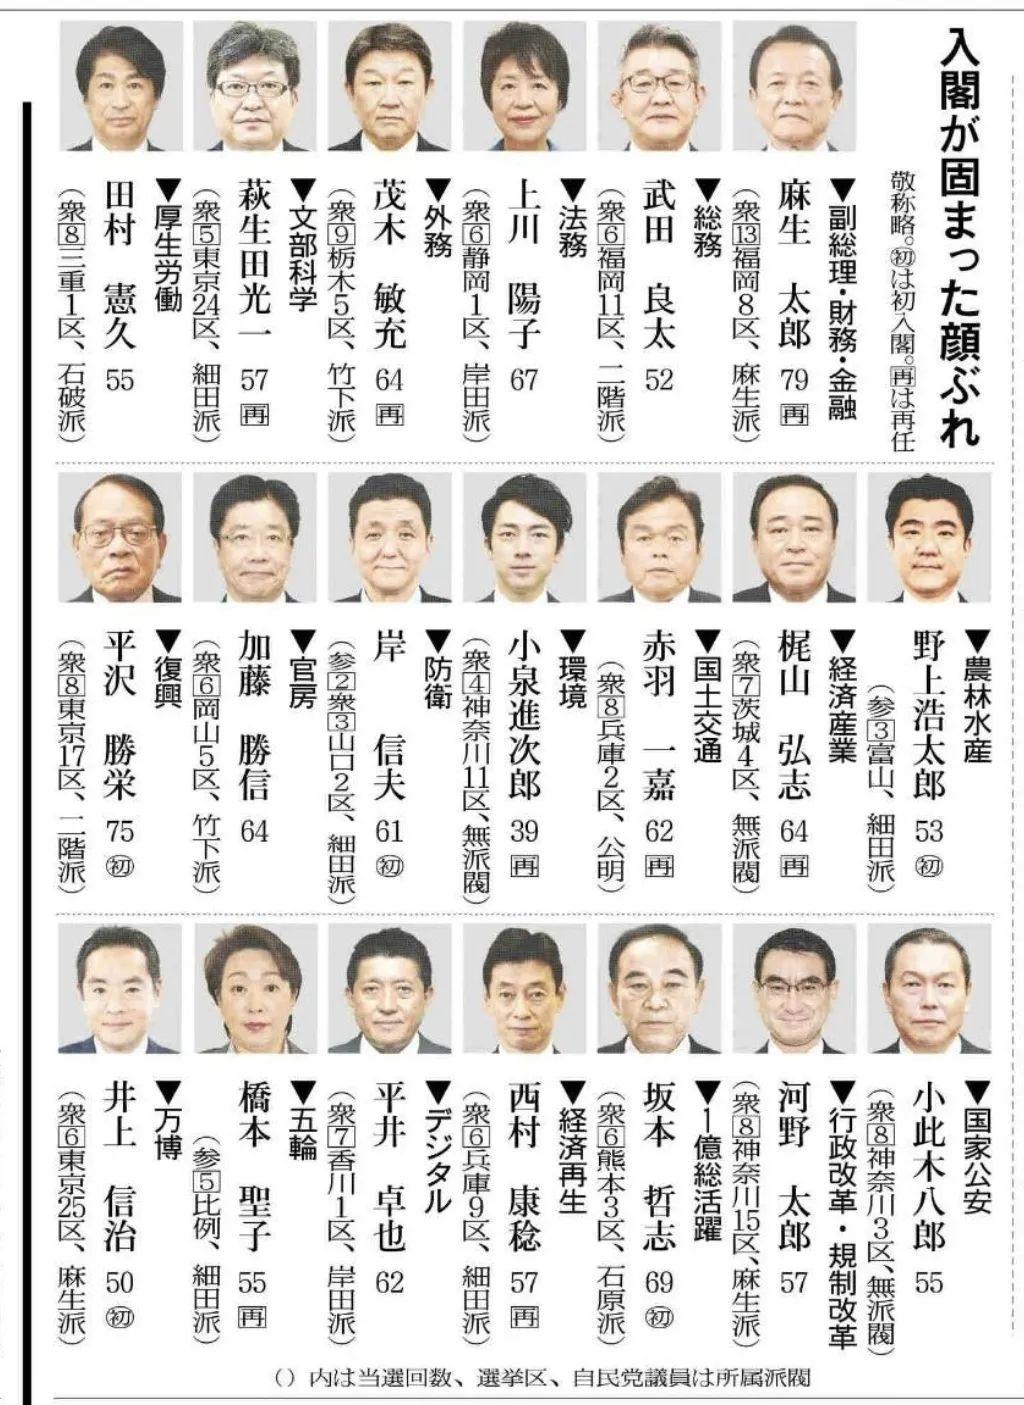 图为《读卖新闻》报道的菅义伟内阁成员名单。